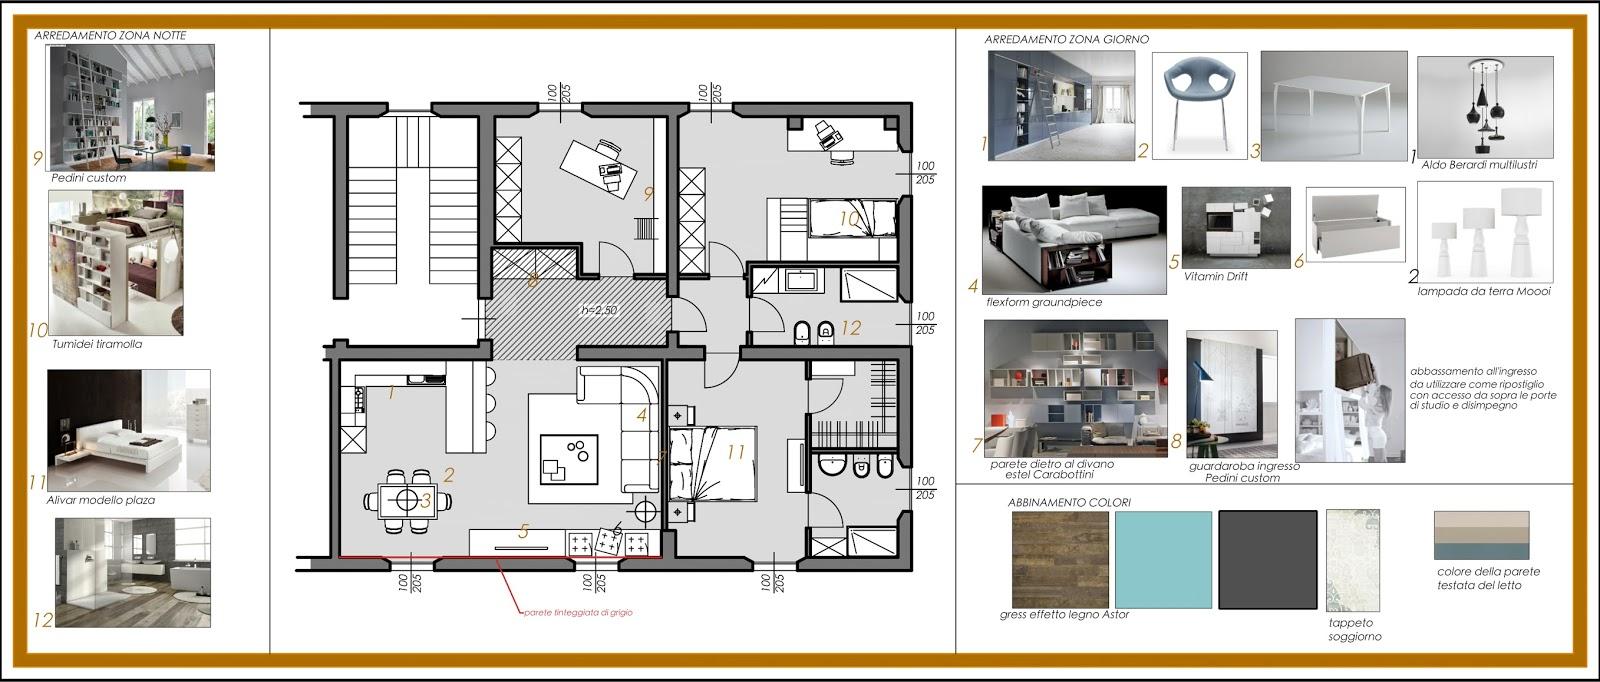 arredamento e dintorni ristrutturazione appartamento